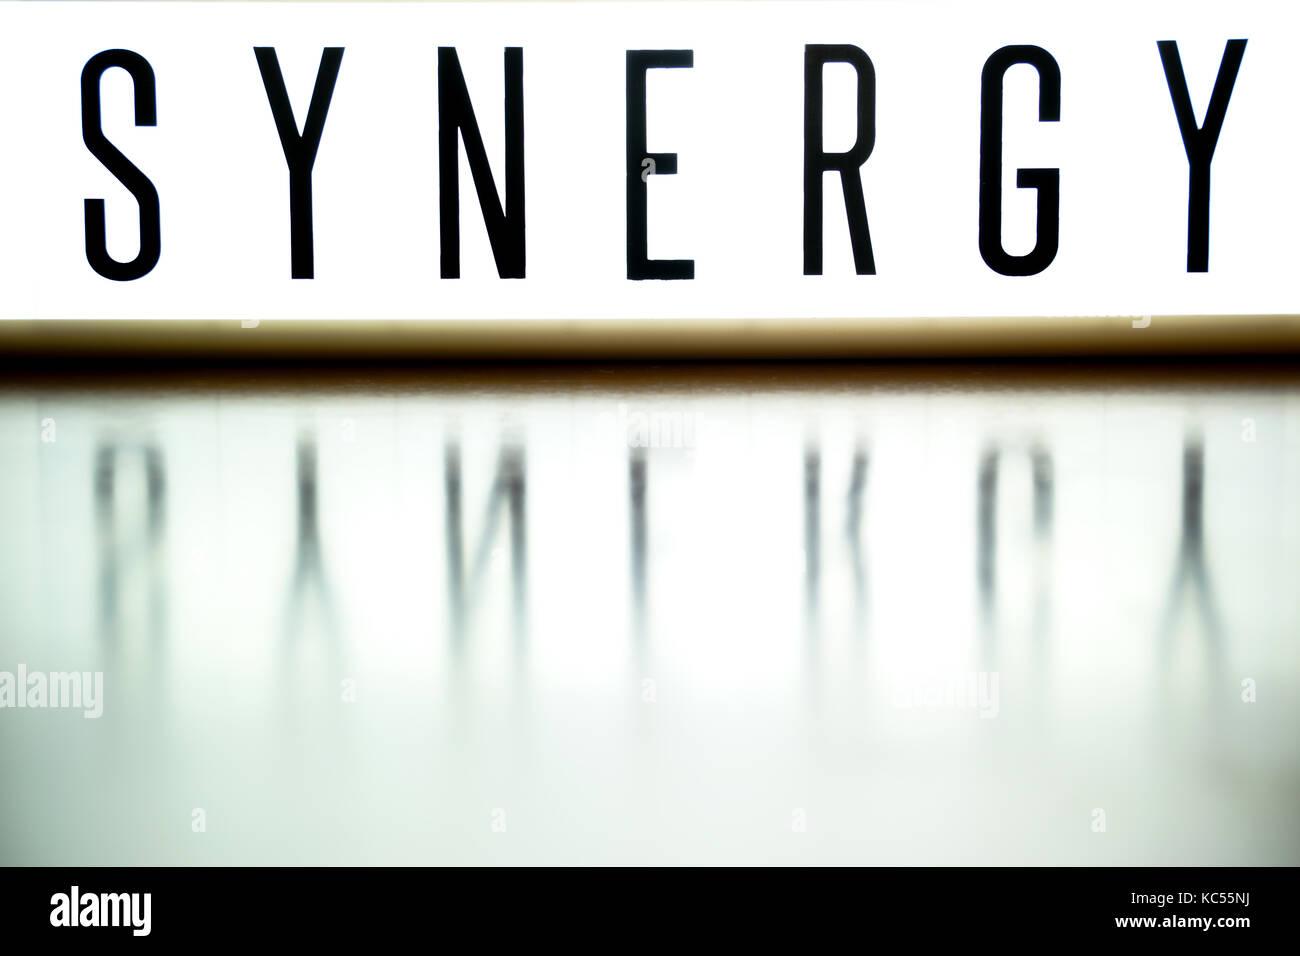 Una junta de luz muestra la frase sinergia en madera Imagen De Stock